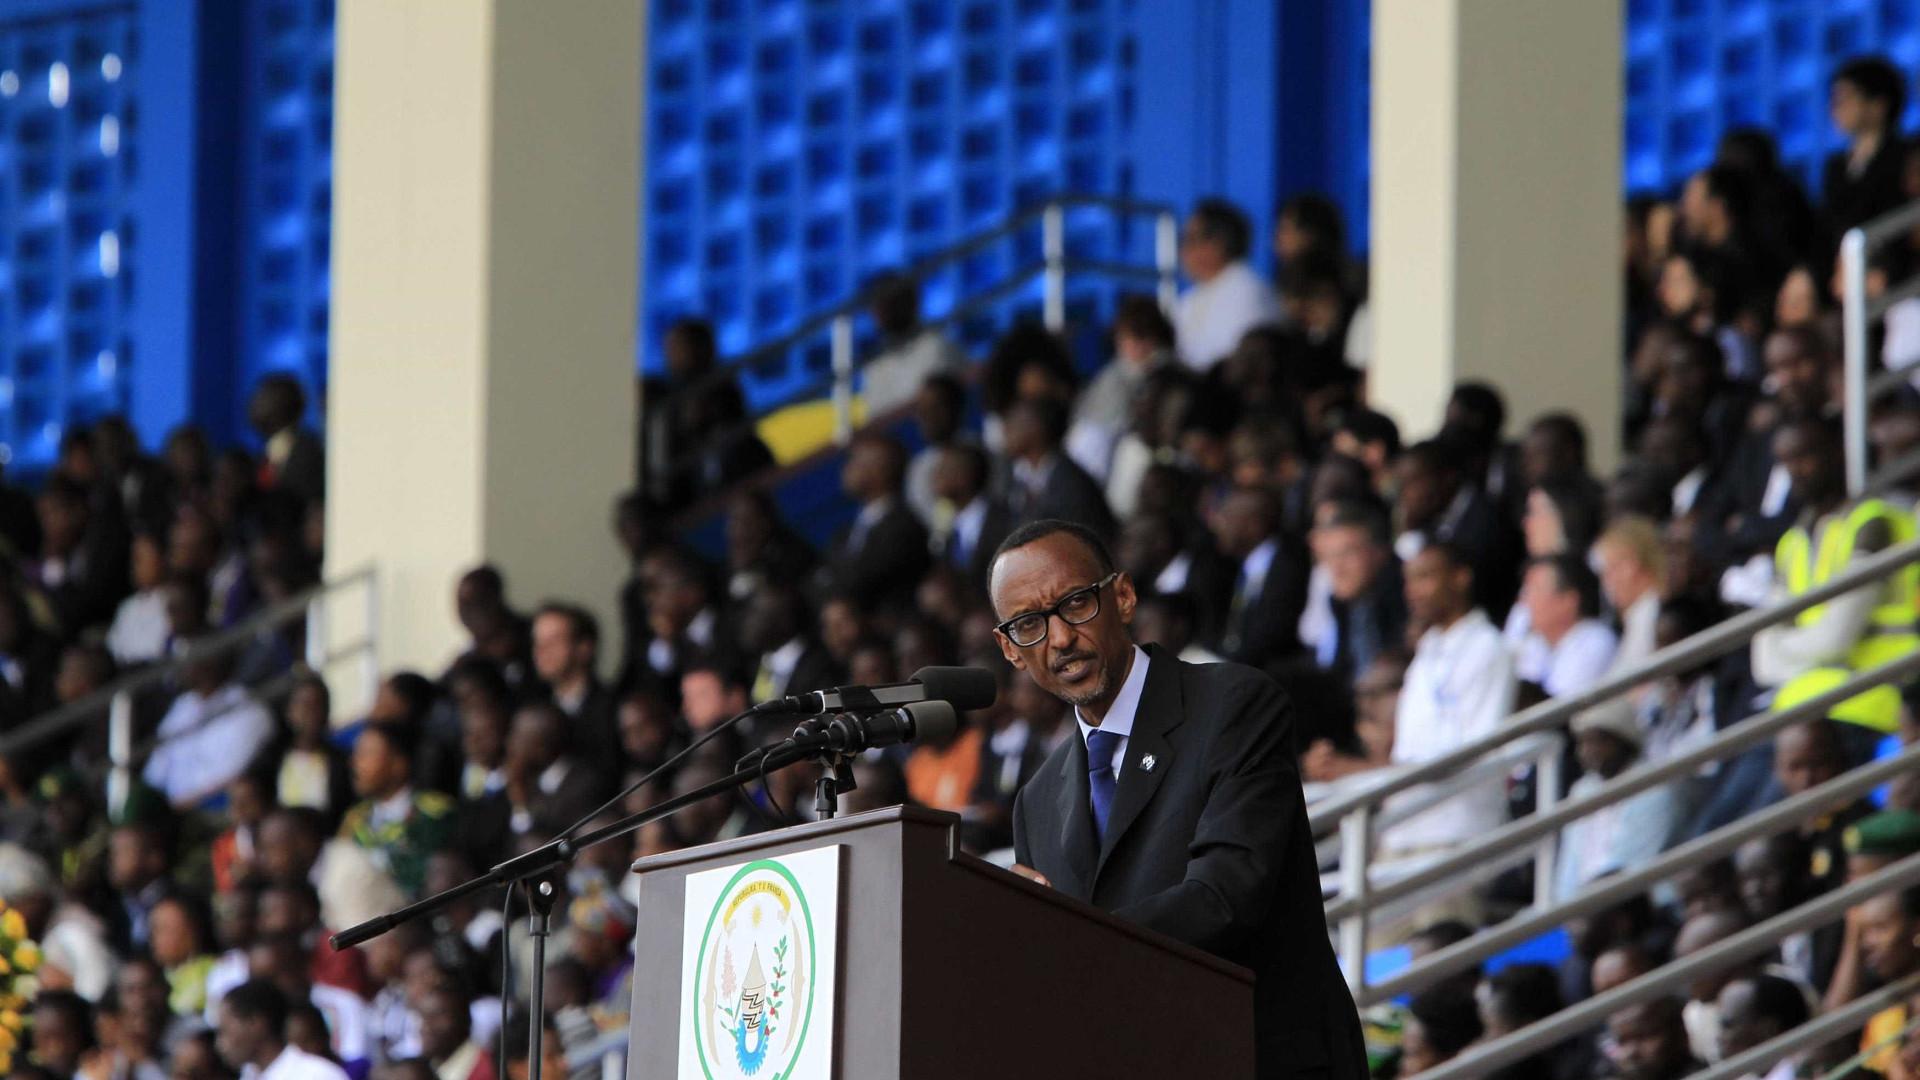 Kagame vence eleições em Ruanda com 98% dos votos, segundo projeção oficial